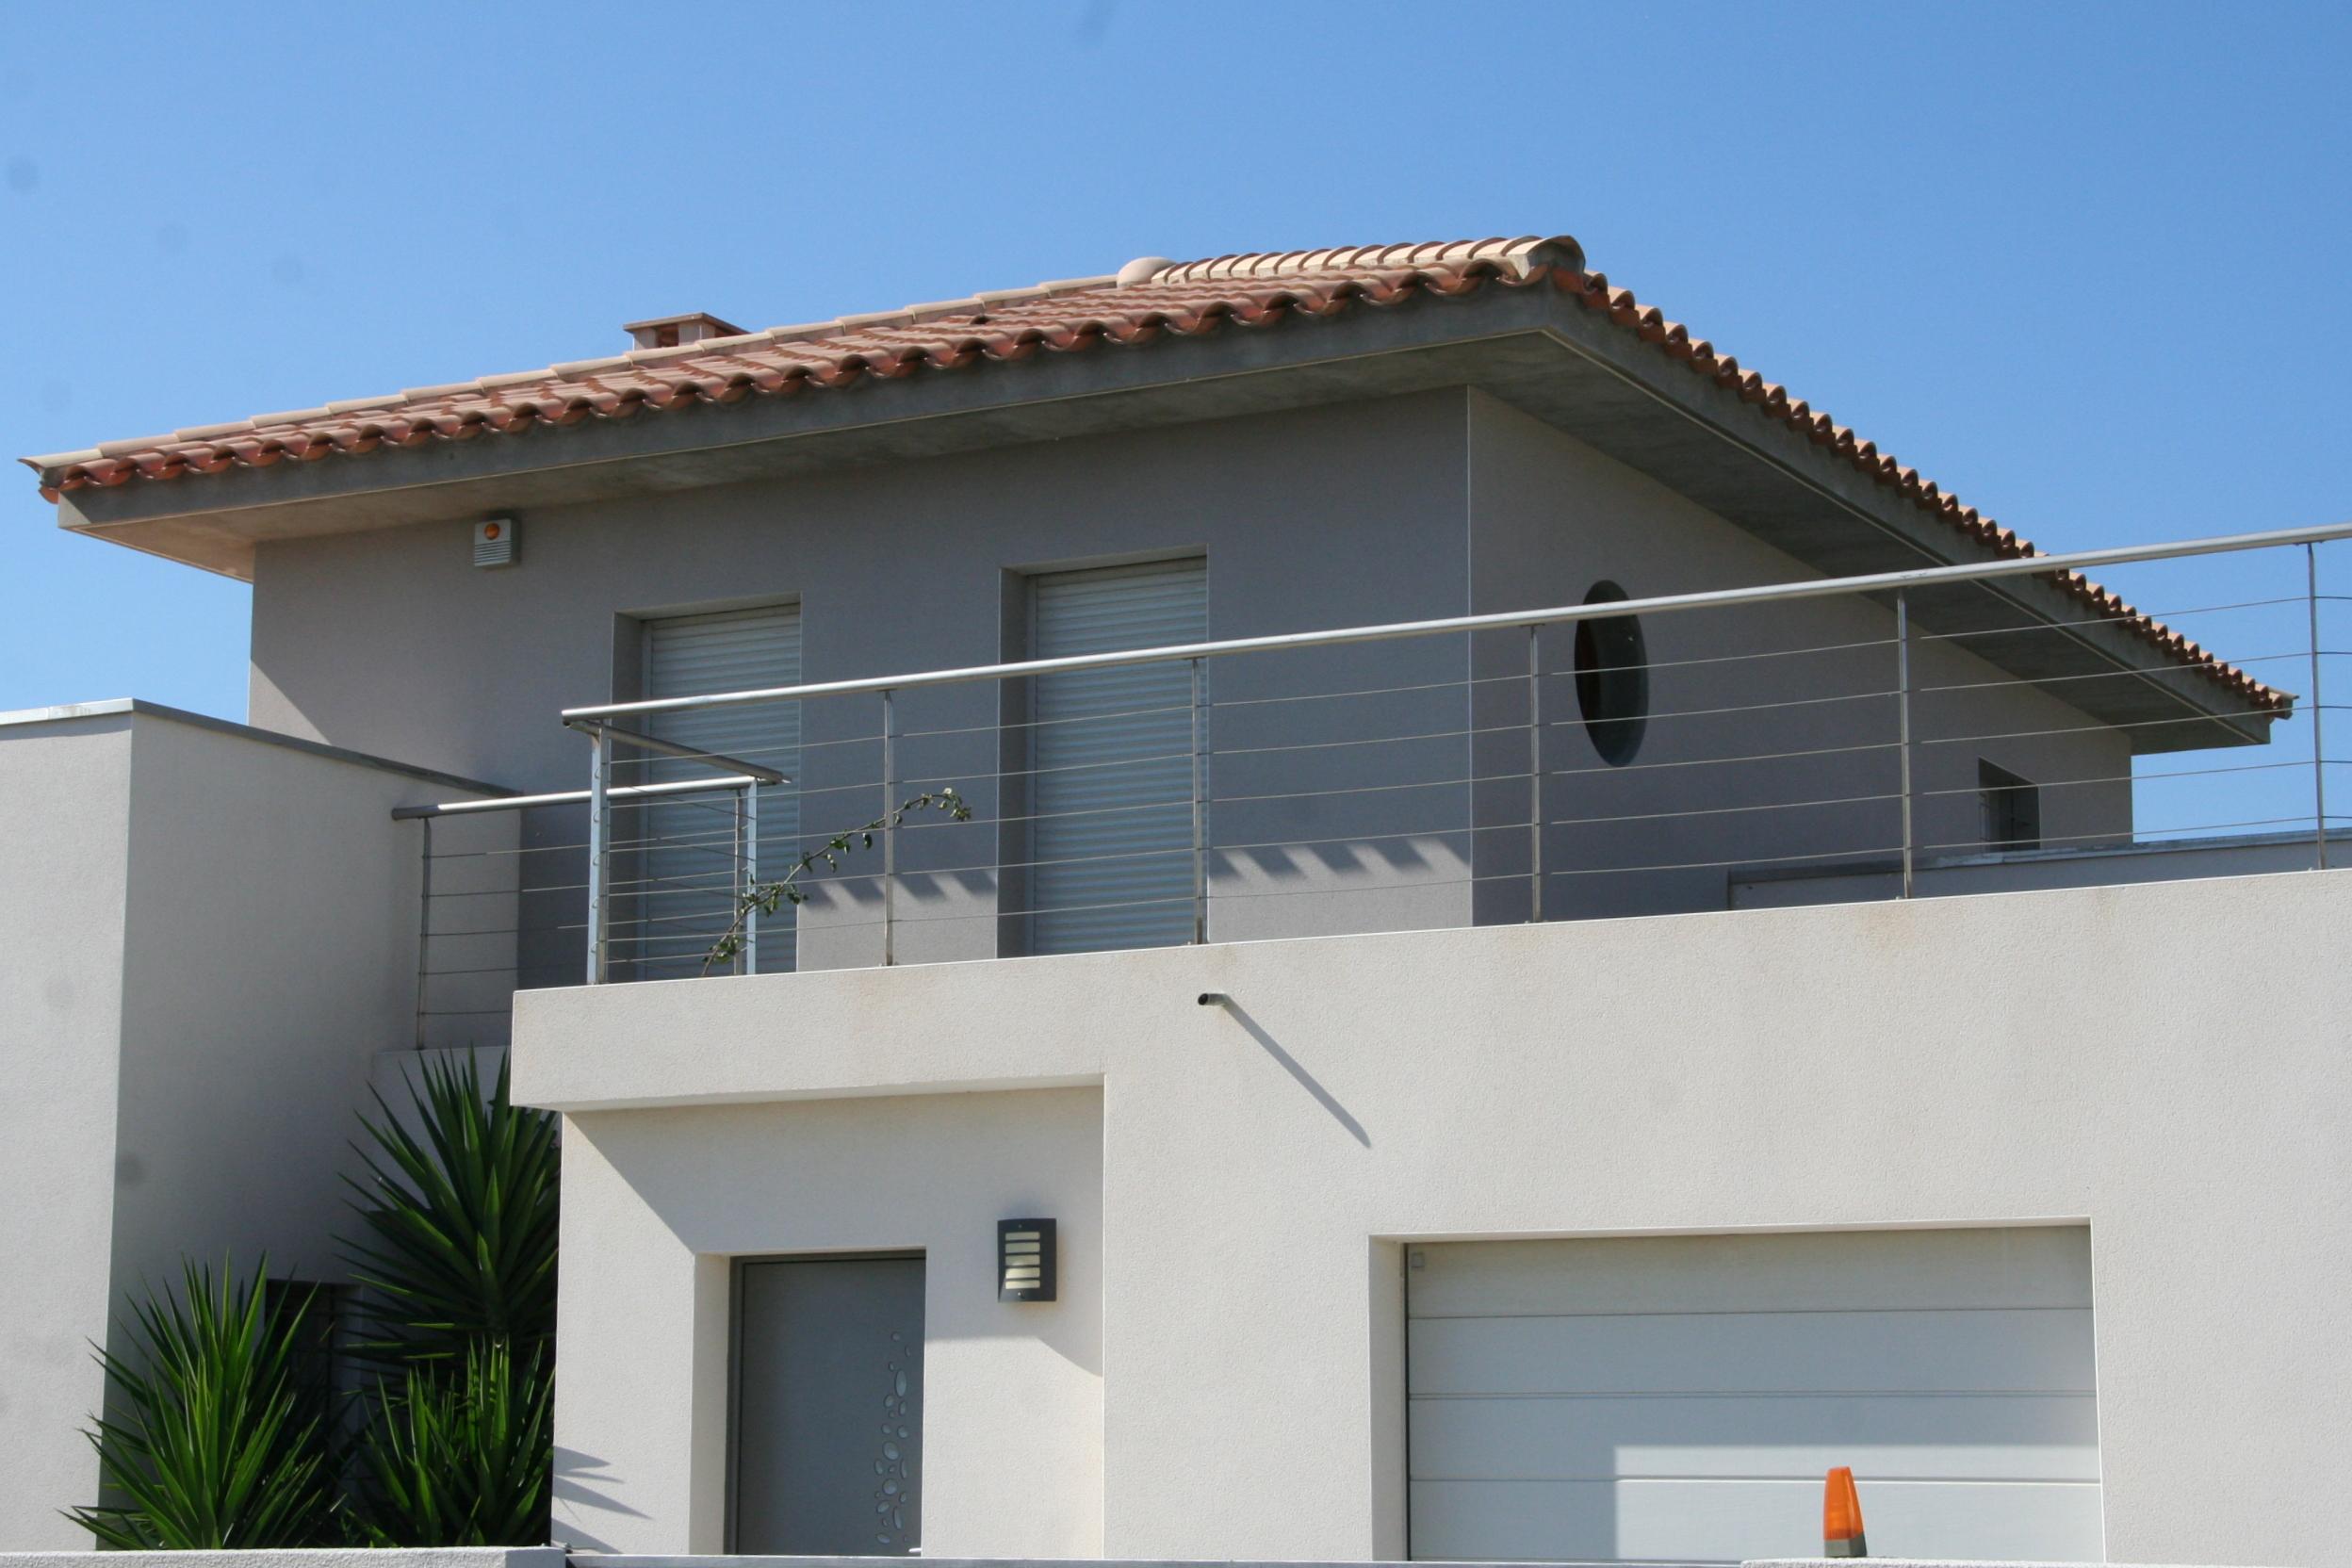 Villa moderne grise avec d bords de toit gonzalez for Construction villa moderne